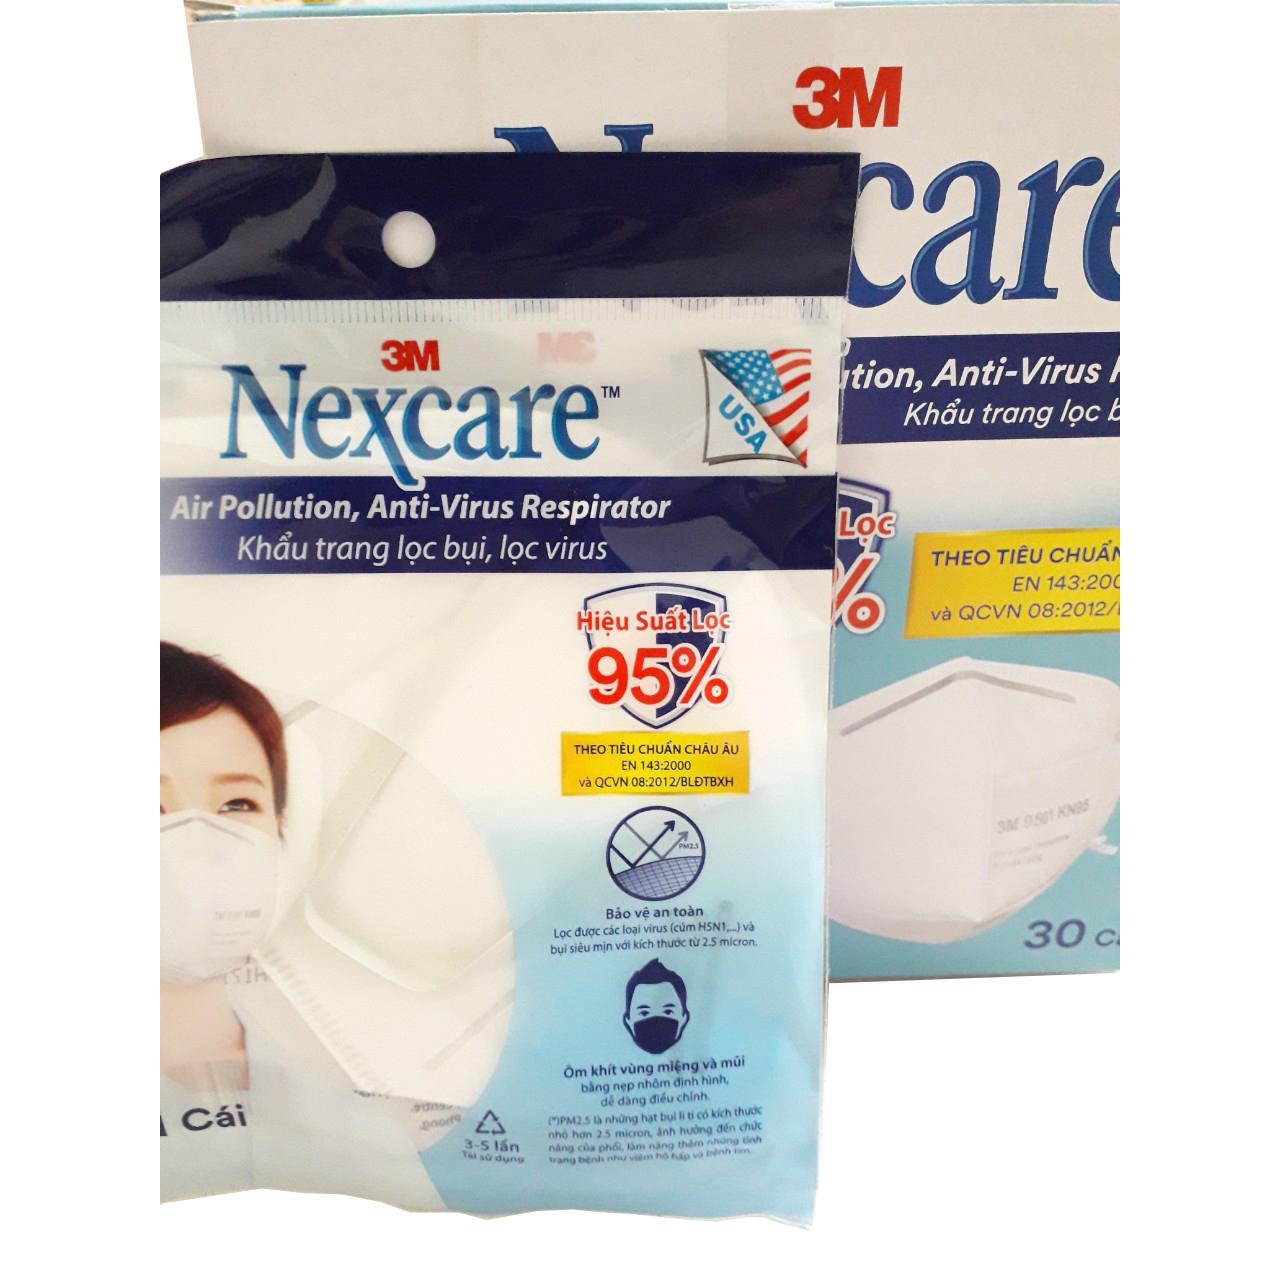 Khẩu trang KN95 3M Nexcare 9501 (1 cái/ gói) Hàng chính hãng Khẩu trang lọc  bụi, lọc virus theo tiêu chuẩn Châu Âu | Tiki.vn